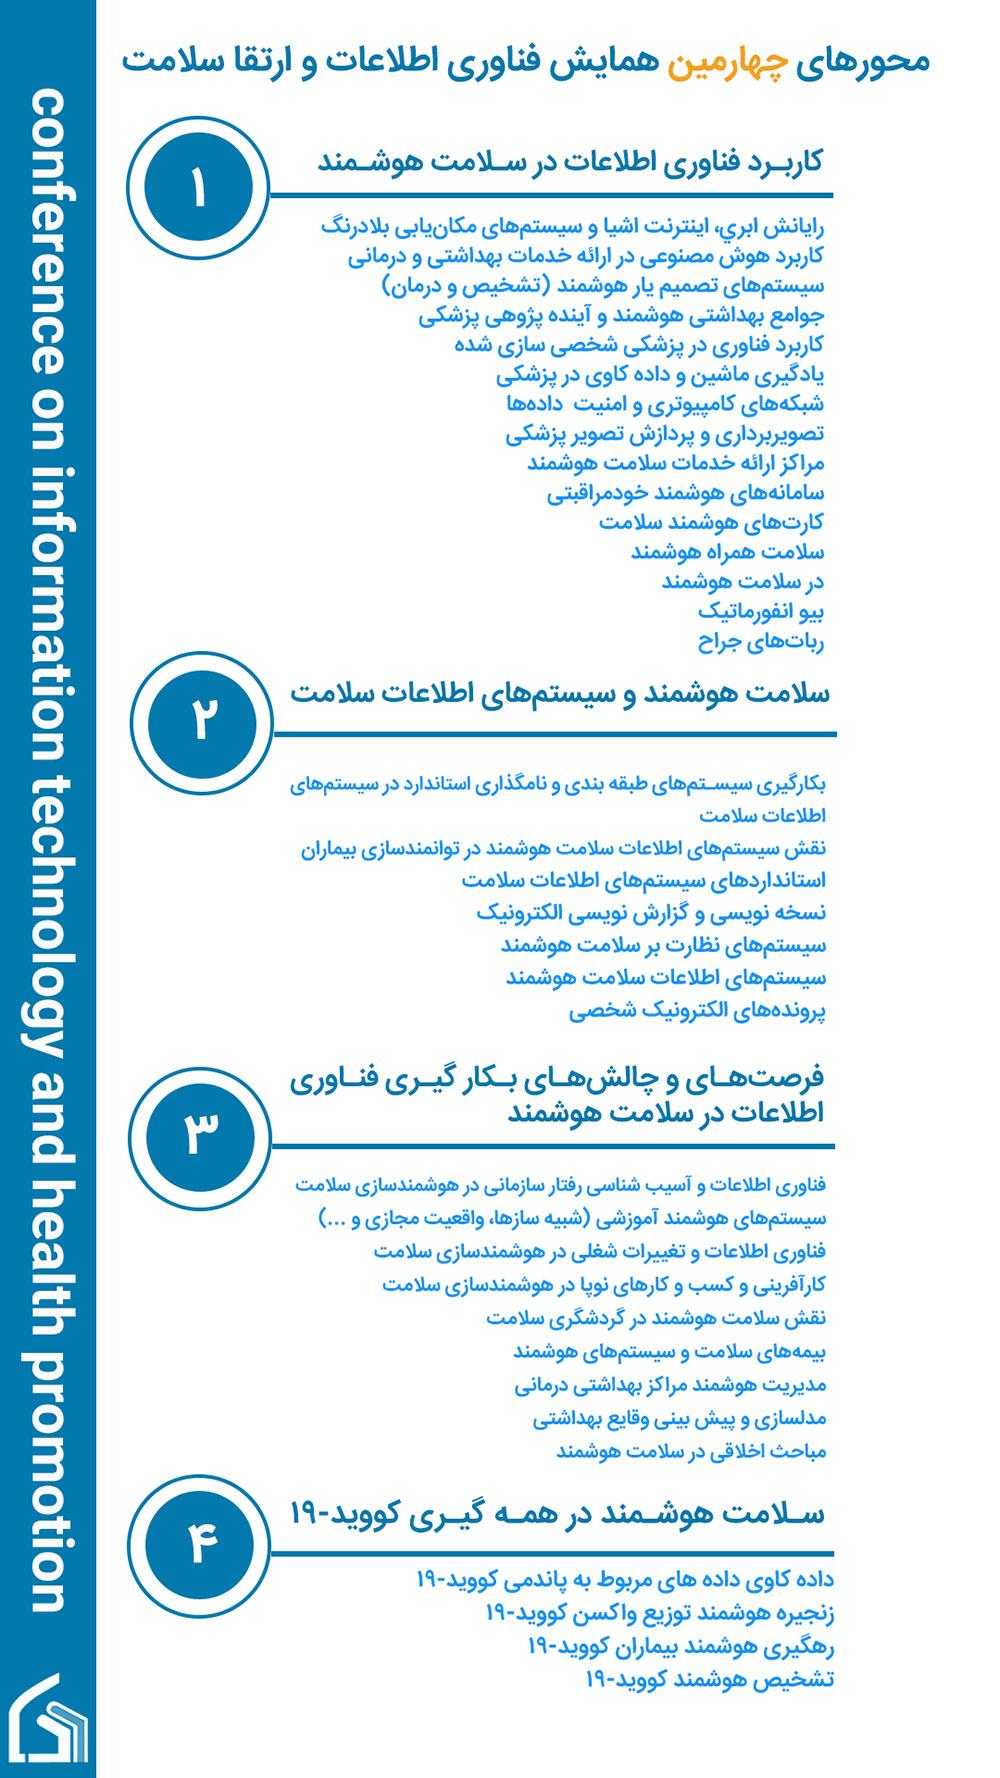 همایش فناوری اطلاعات سلامت